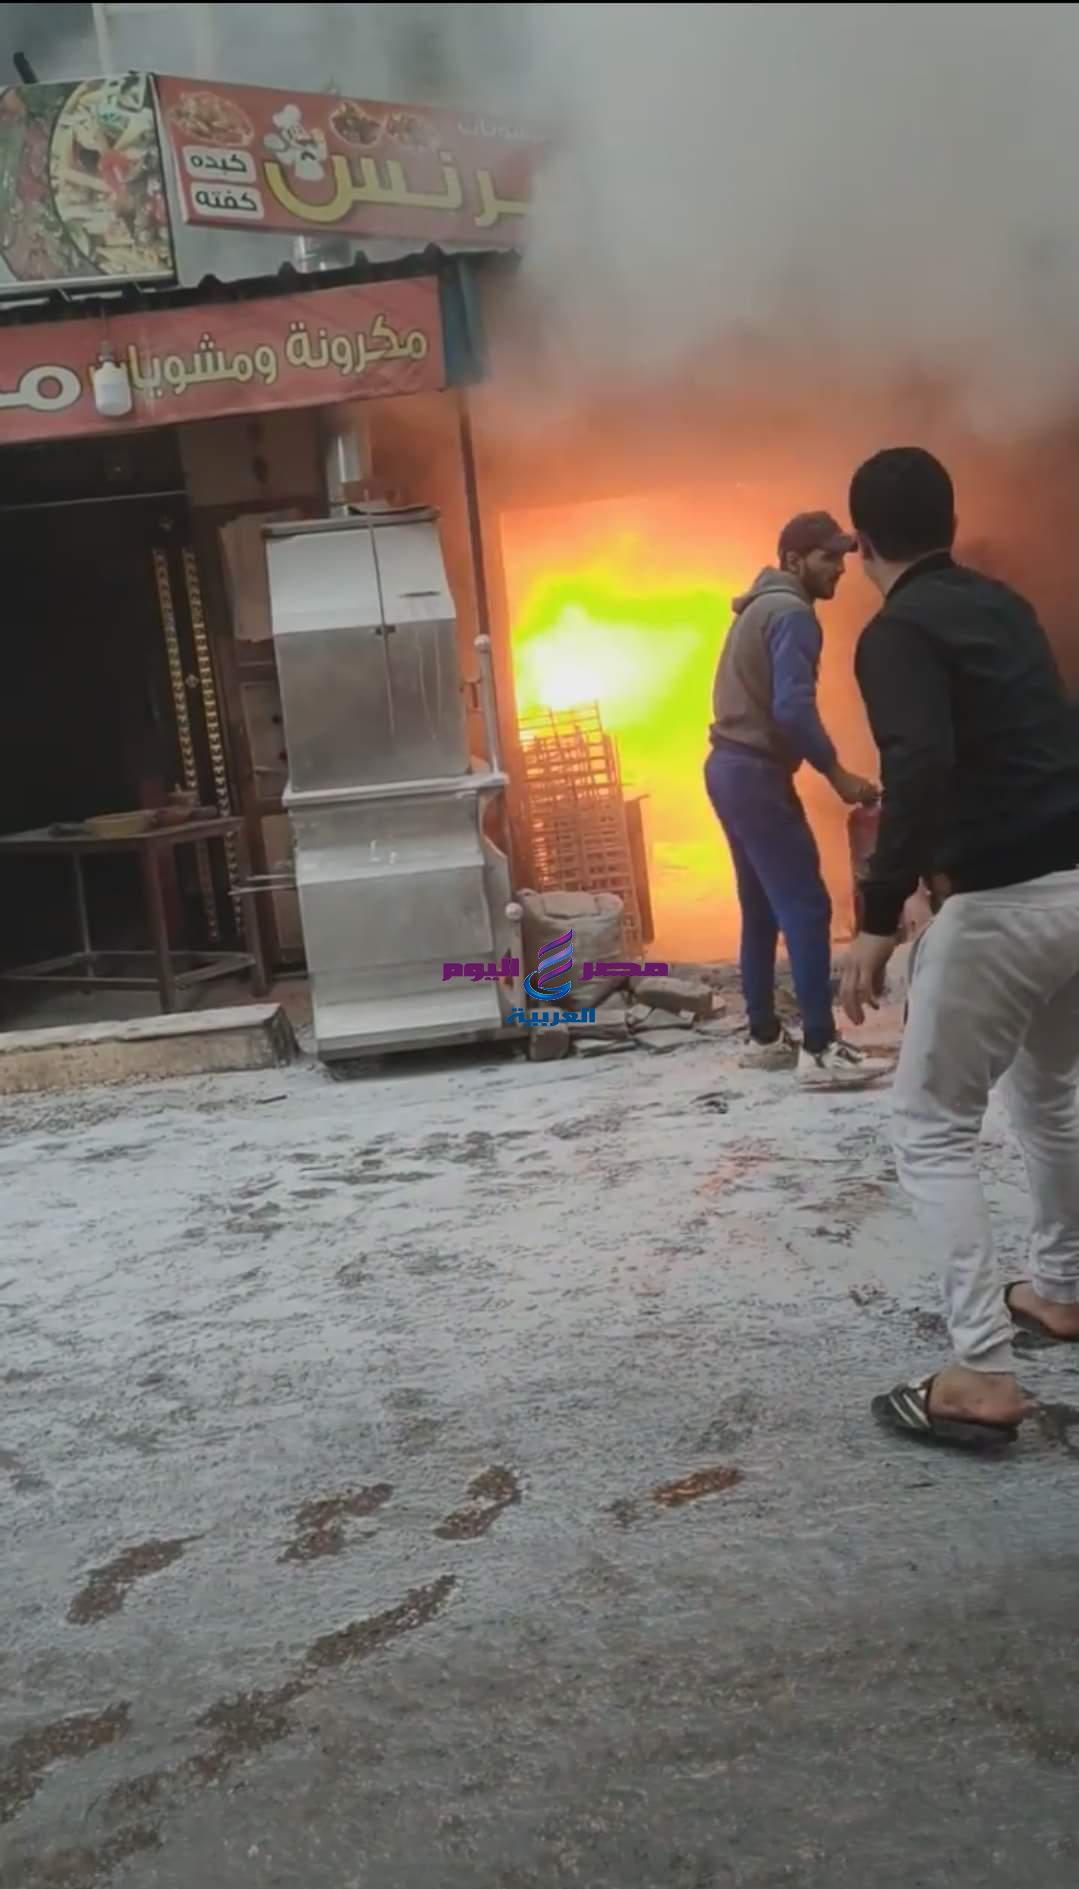 حريق هائل في فرن عيش بجوار مطعم الريس بمنطقة أبو شاهين بالمحلة الكبرى وتم السيطرة على الحريق | هائل